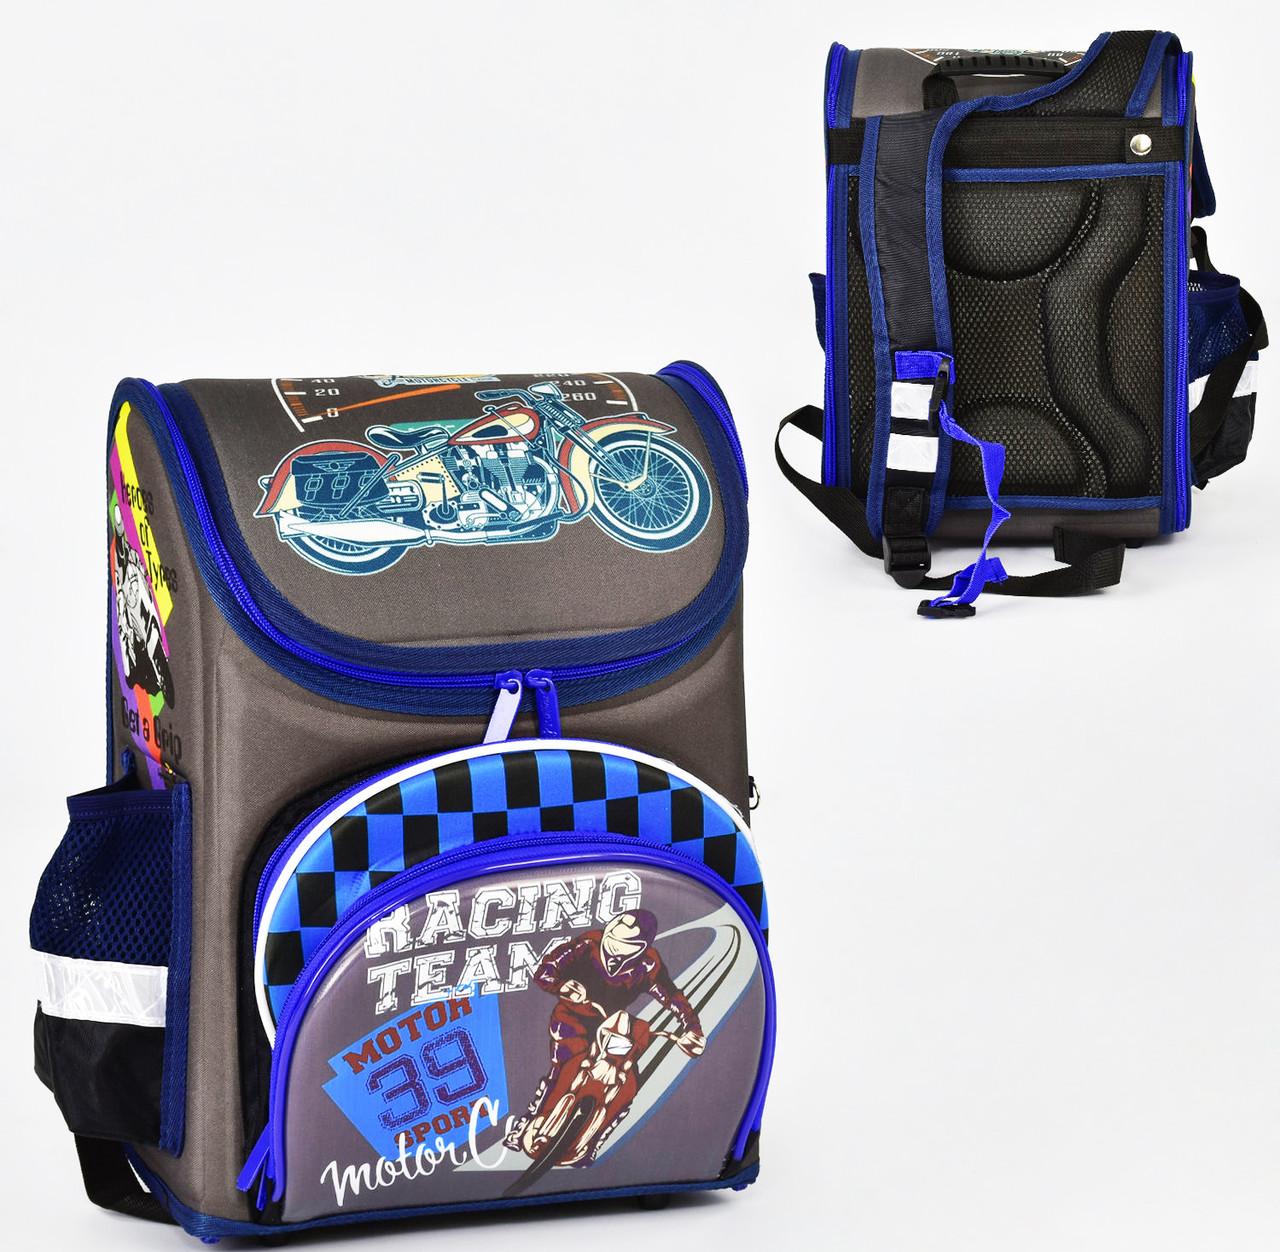 Дитячий шкільний рюкзак 782 каркасний 3D принт, 1 відділення, 3 кишені